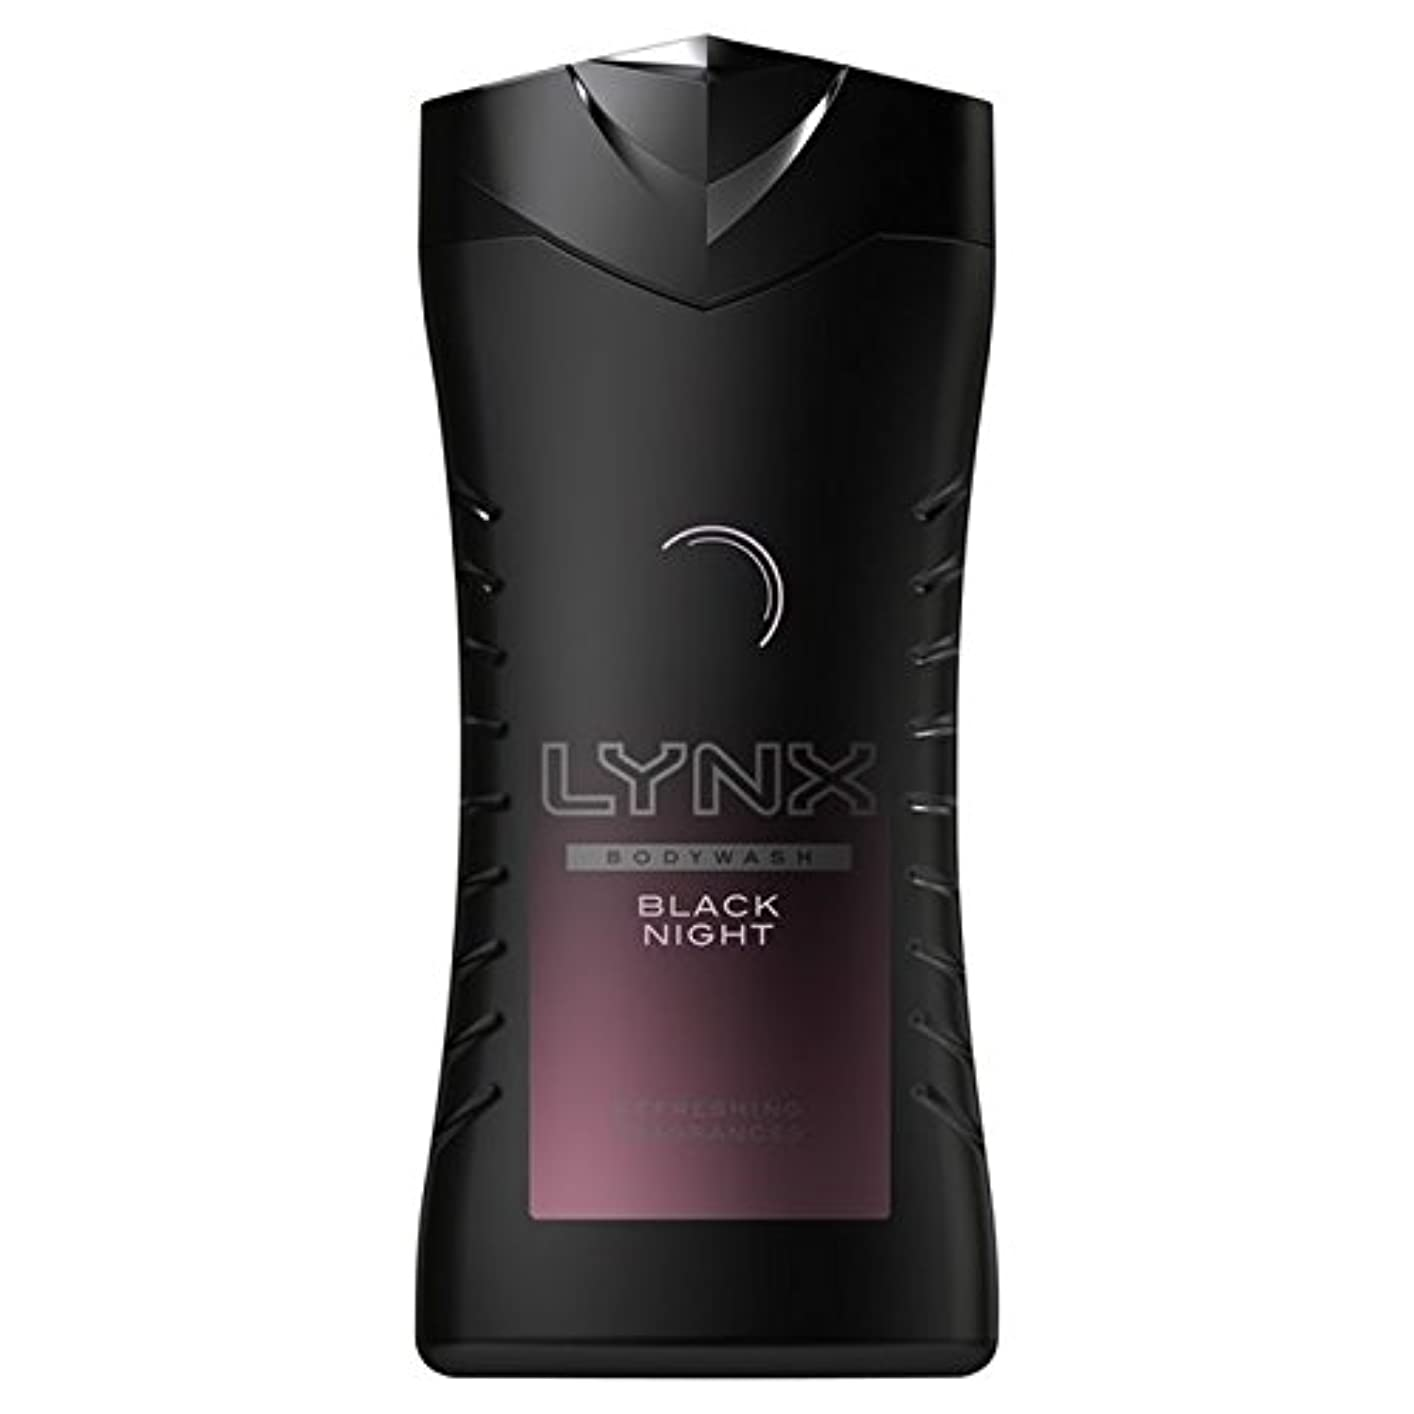 テーブル昇進分割オオヤマネコ黒夜シャワージェル250ミリリットル x4 - Lynx Black Night Shower Gel 250ml (Pack of 4) [並行輸入品]